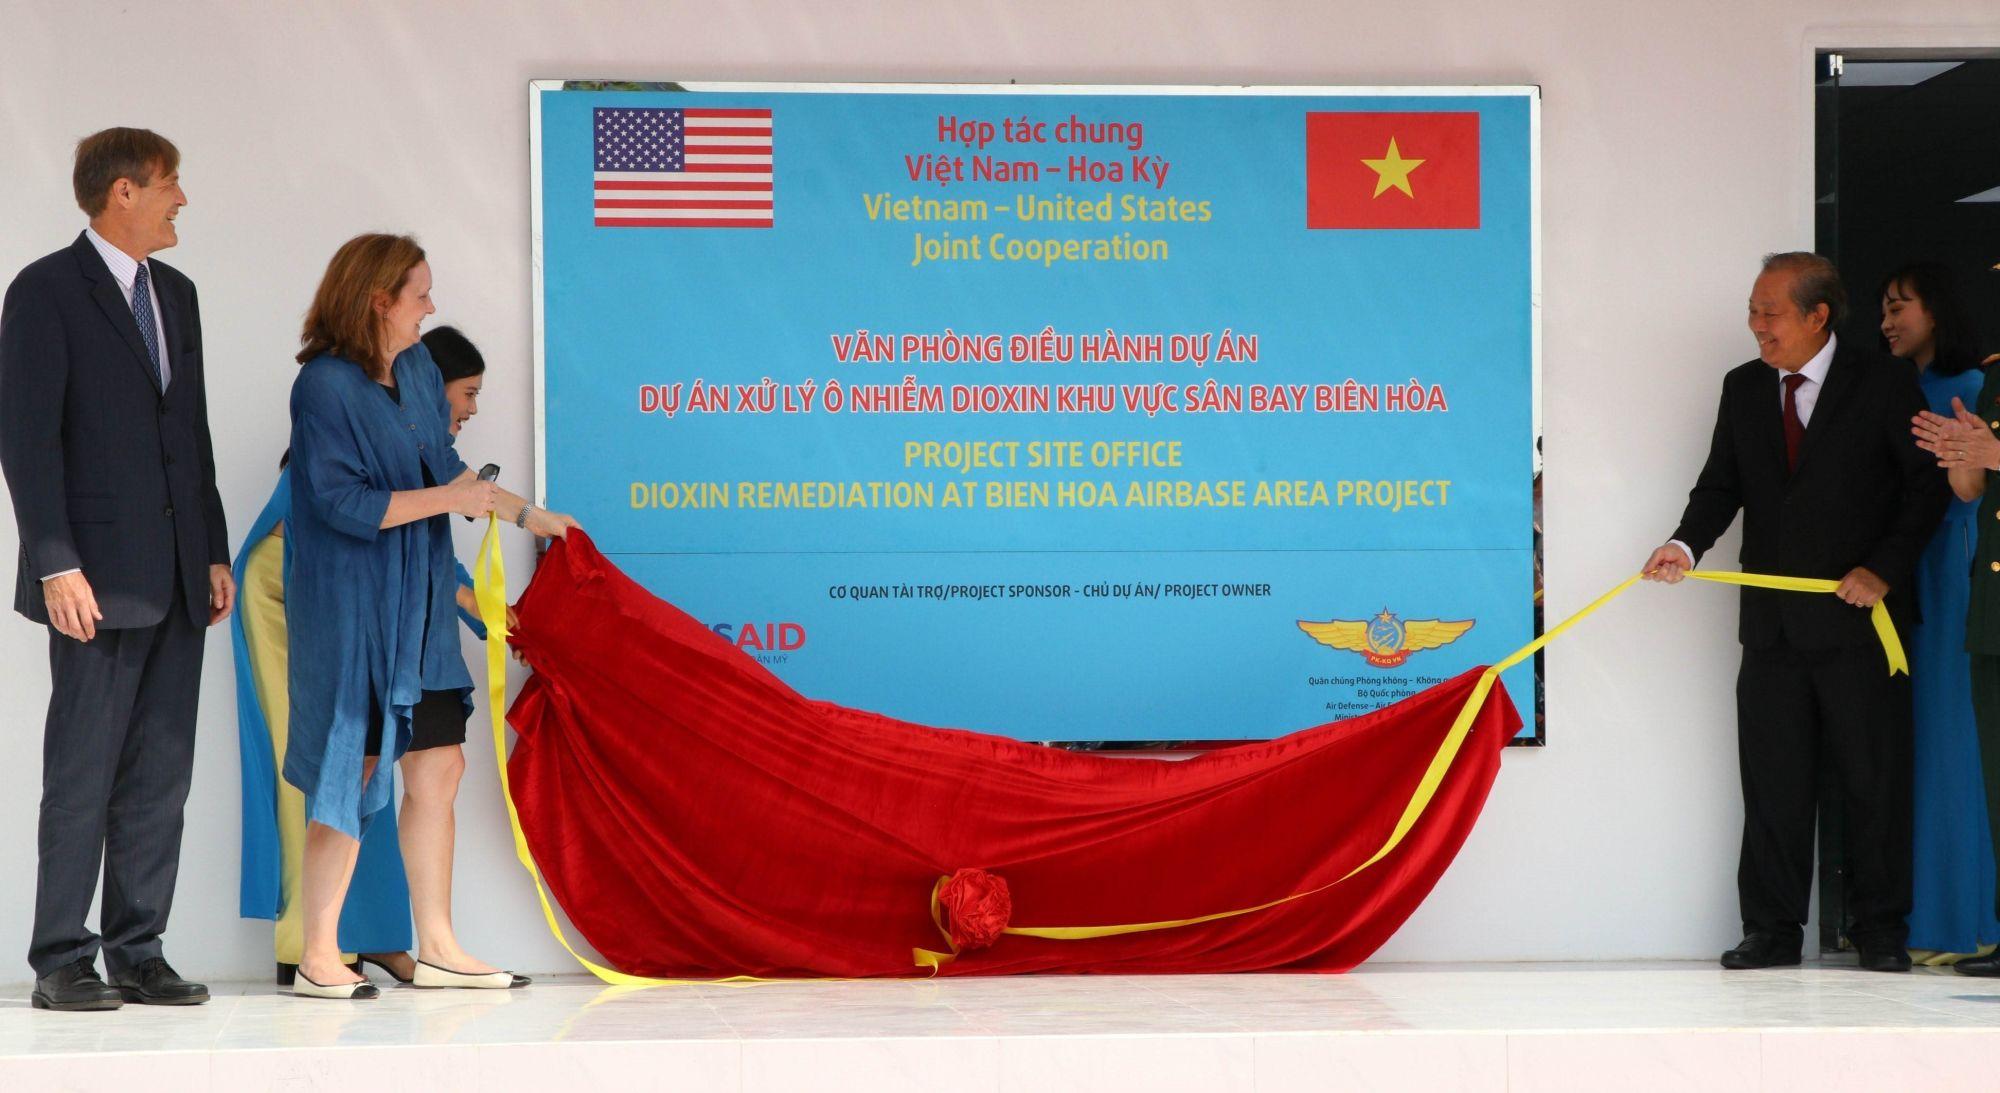 12月5日在同奈省,美国国际开发署与越南国防部、消除有毒化学物质危害与克服环境事故国家行动中心(NACCET)联合举行边和机场迪奥辛污染清除项目动工仪式暨总额6500万美元的残疾人协助项目签字仪式。图自越通社